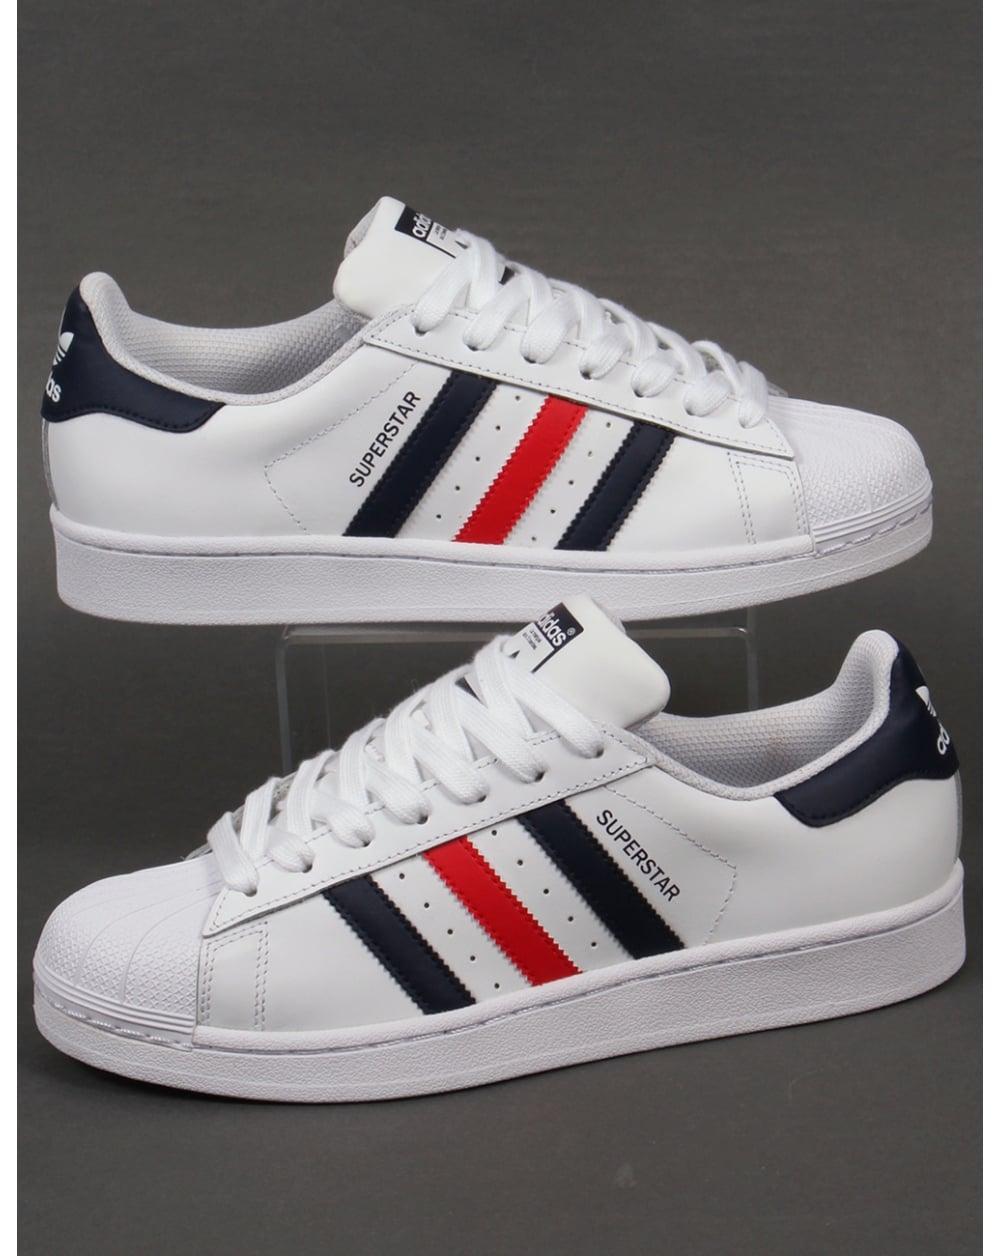 Adidas Superstar Navy